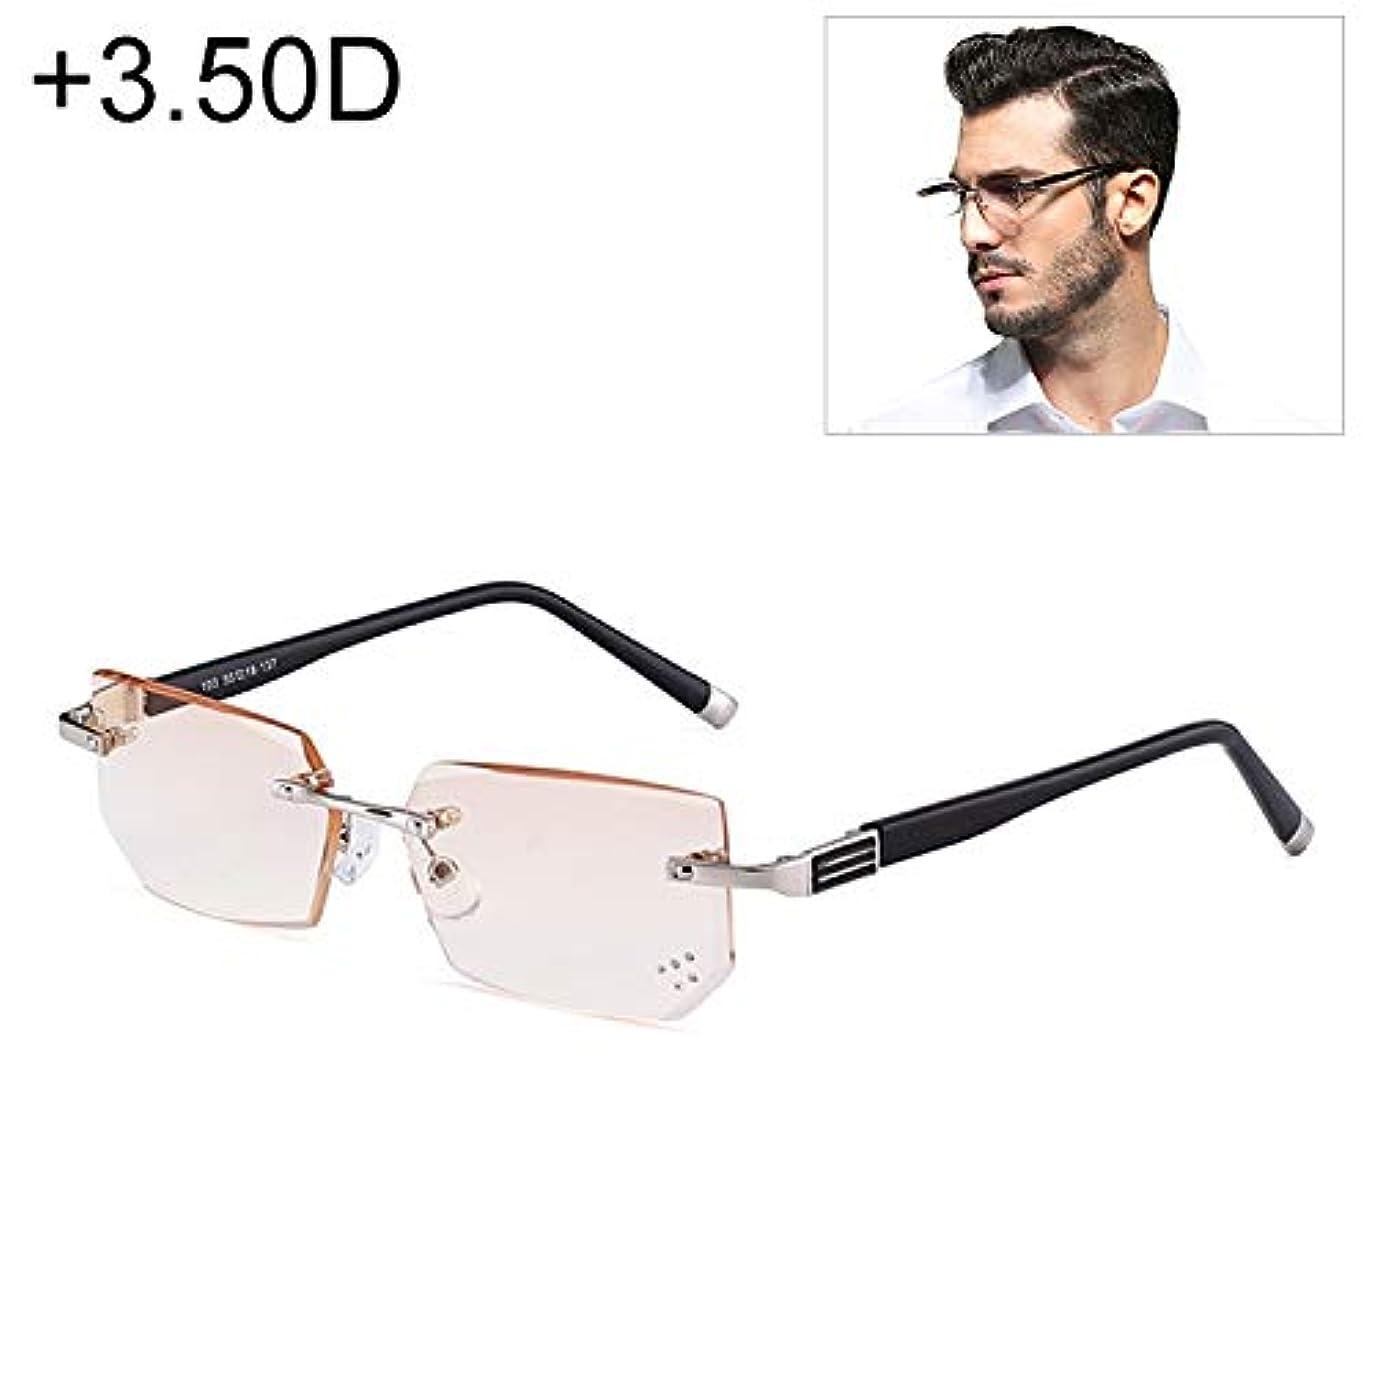 効能ある排出通行人XIEWEI メンズアンチ疲労&ブルーレイリムレスラインストーントリム老視メガネ、+ 3.50DYANG